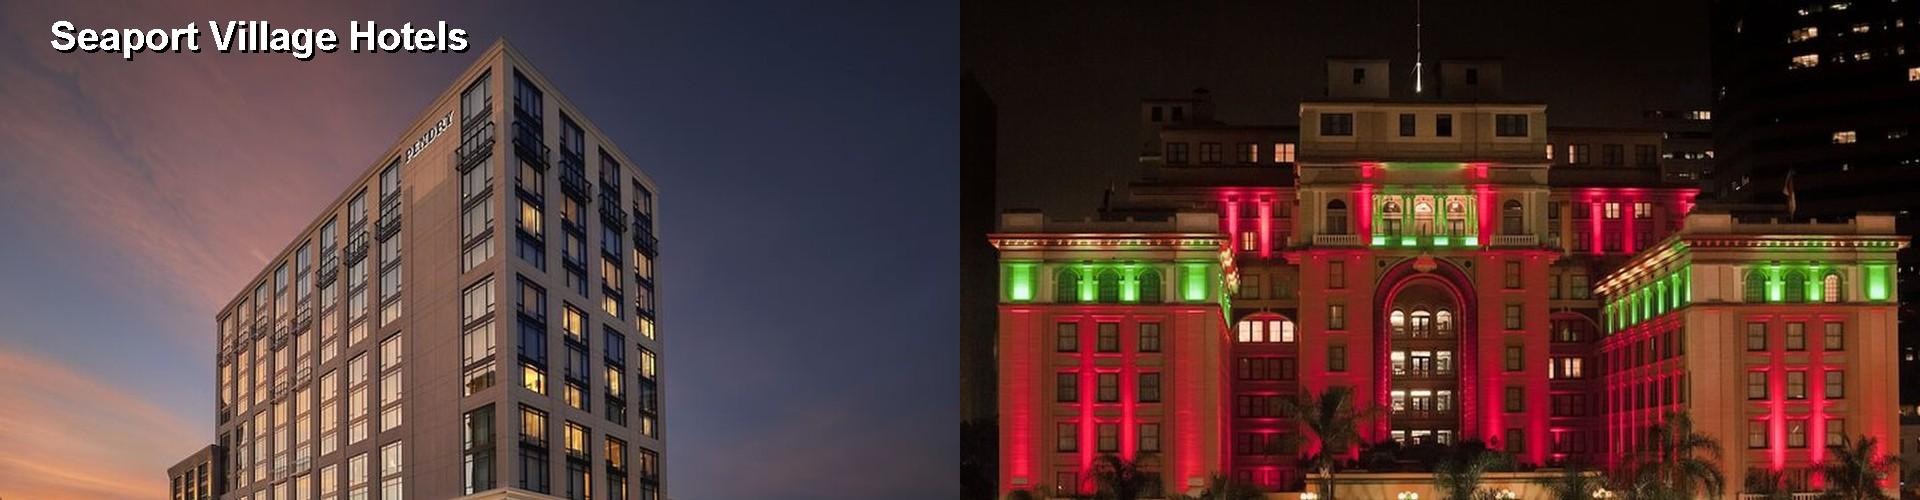 5 Best Hotels Near Seaport Village